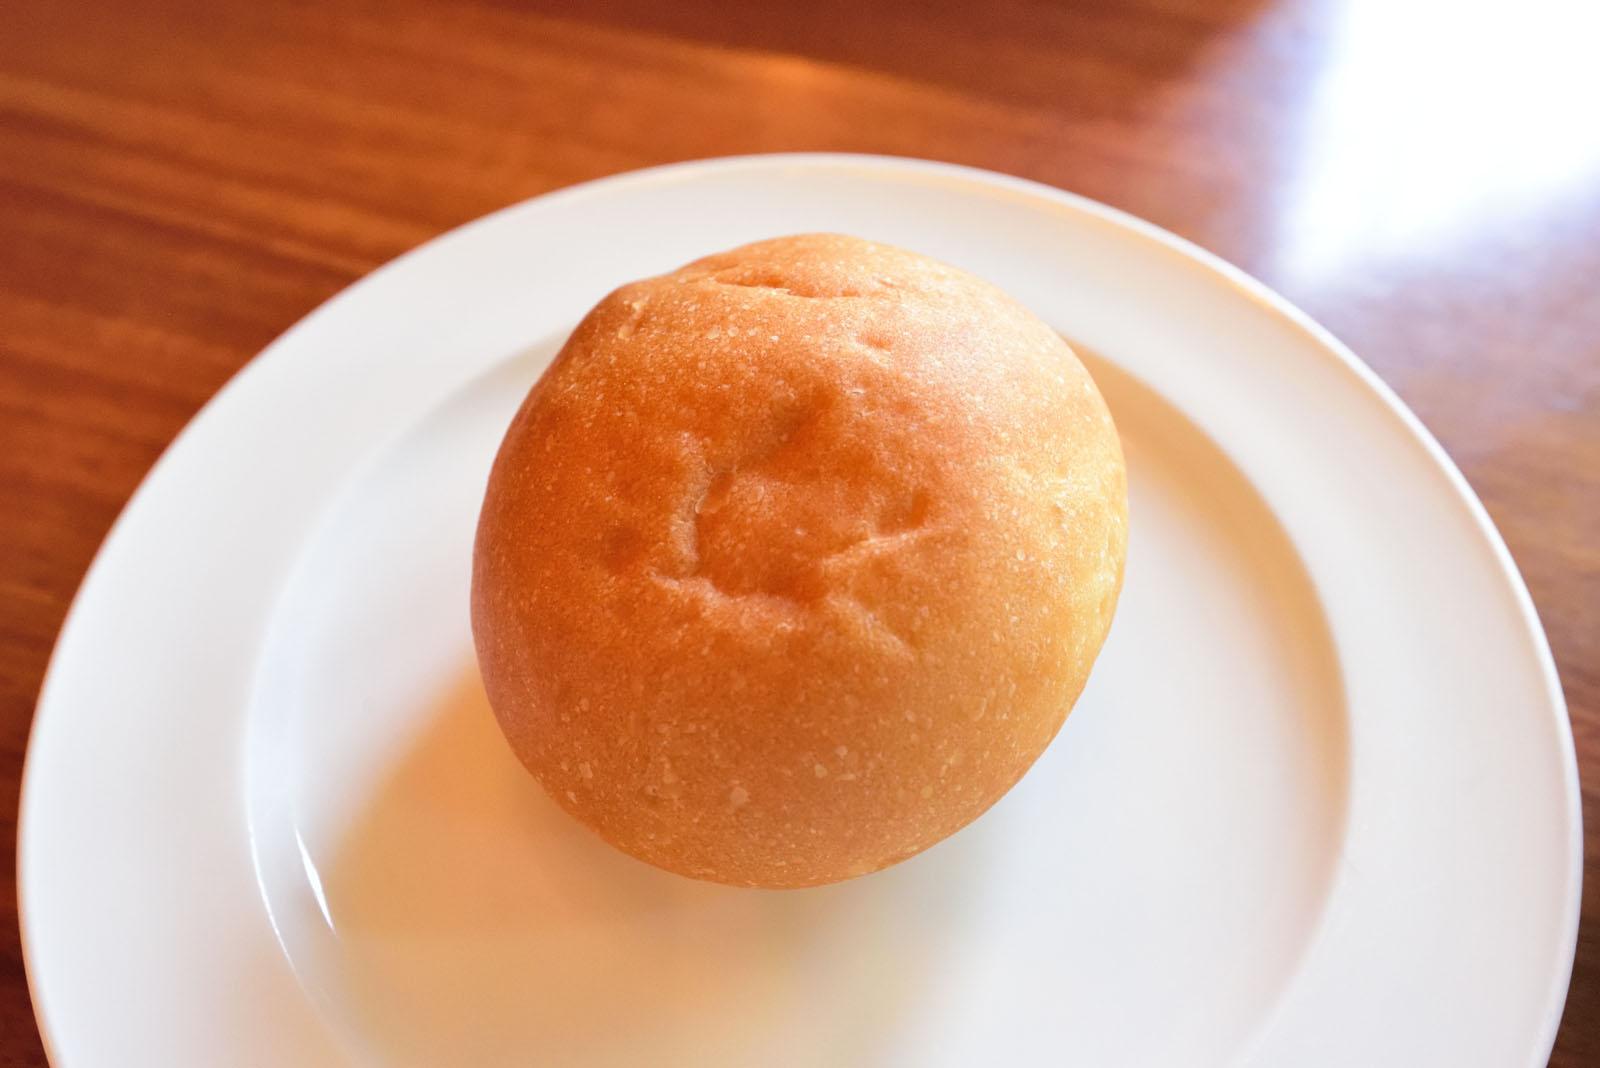 イーストサイド・カフェ ディズニー・イースター2019スペシャルセット パン